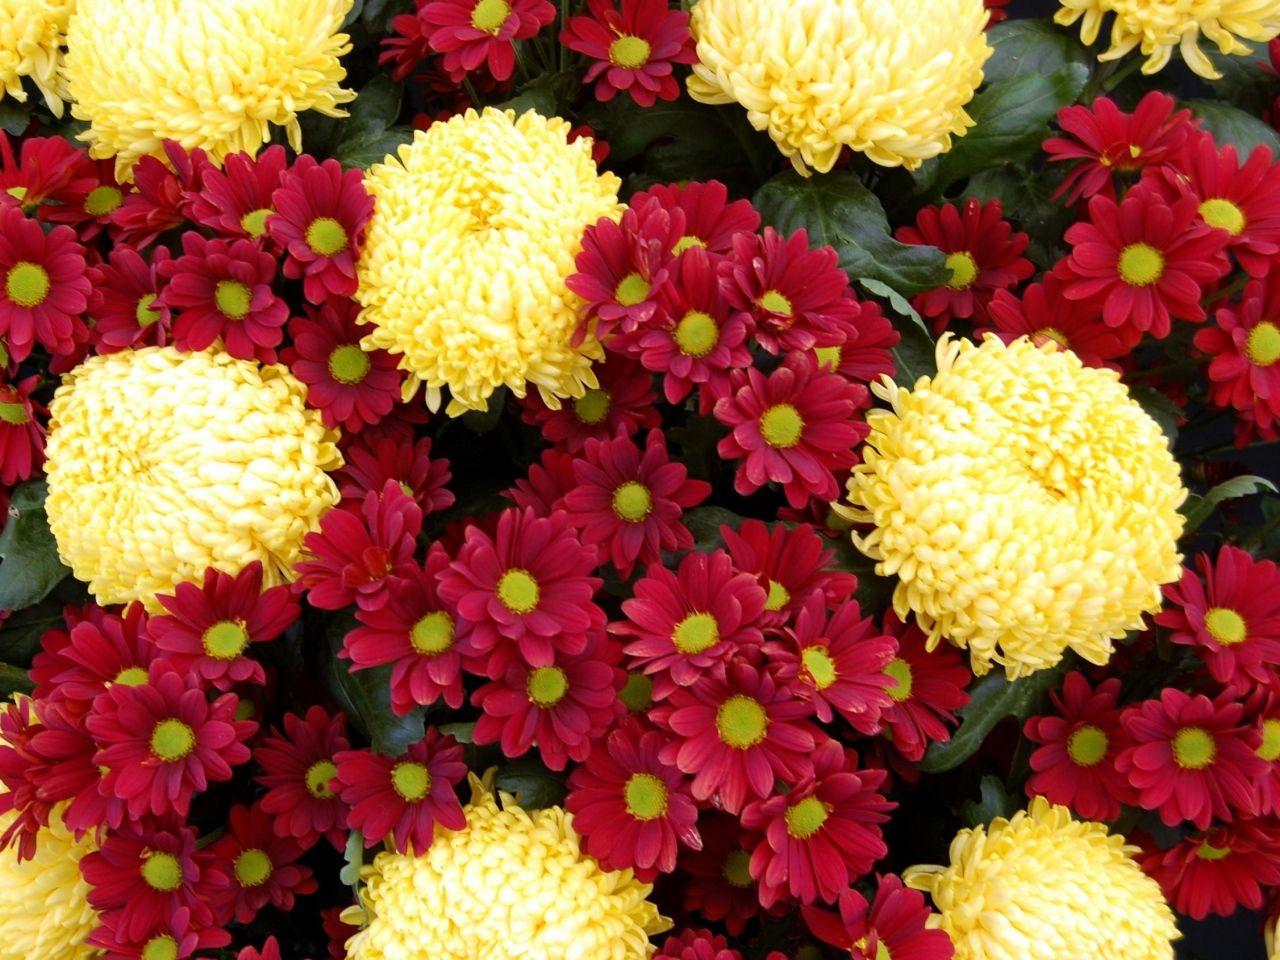 Fondos De Pantalla Flores Rosadas Crisantemo Fondo: Flores Amarillas Y Rojas. Crisantemos. Wallpaper.